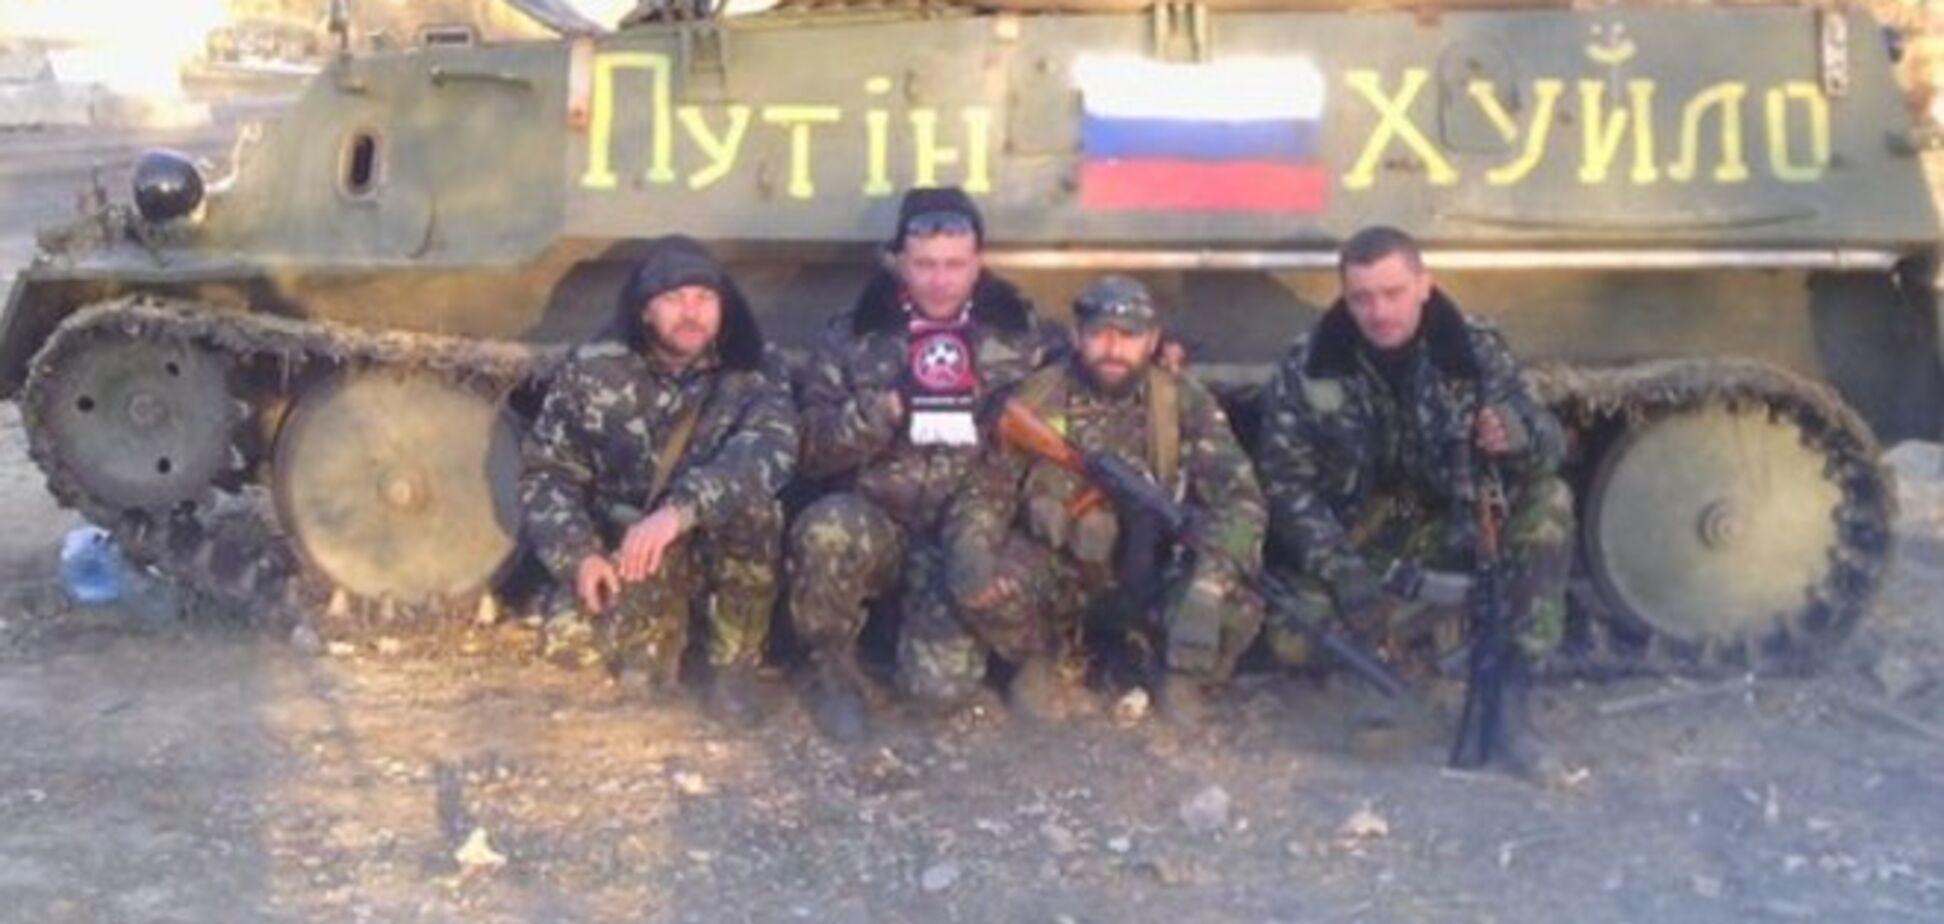 Футбольные ультрас в зоне АТО разукрасили БТР в 'Путин - х*йло'